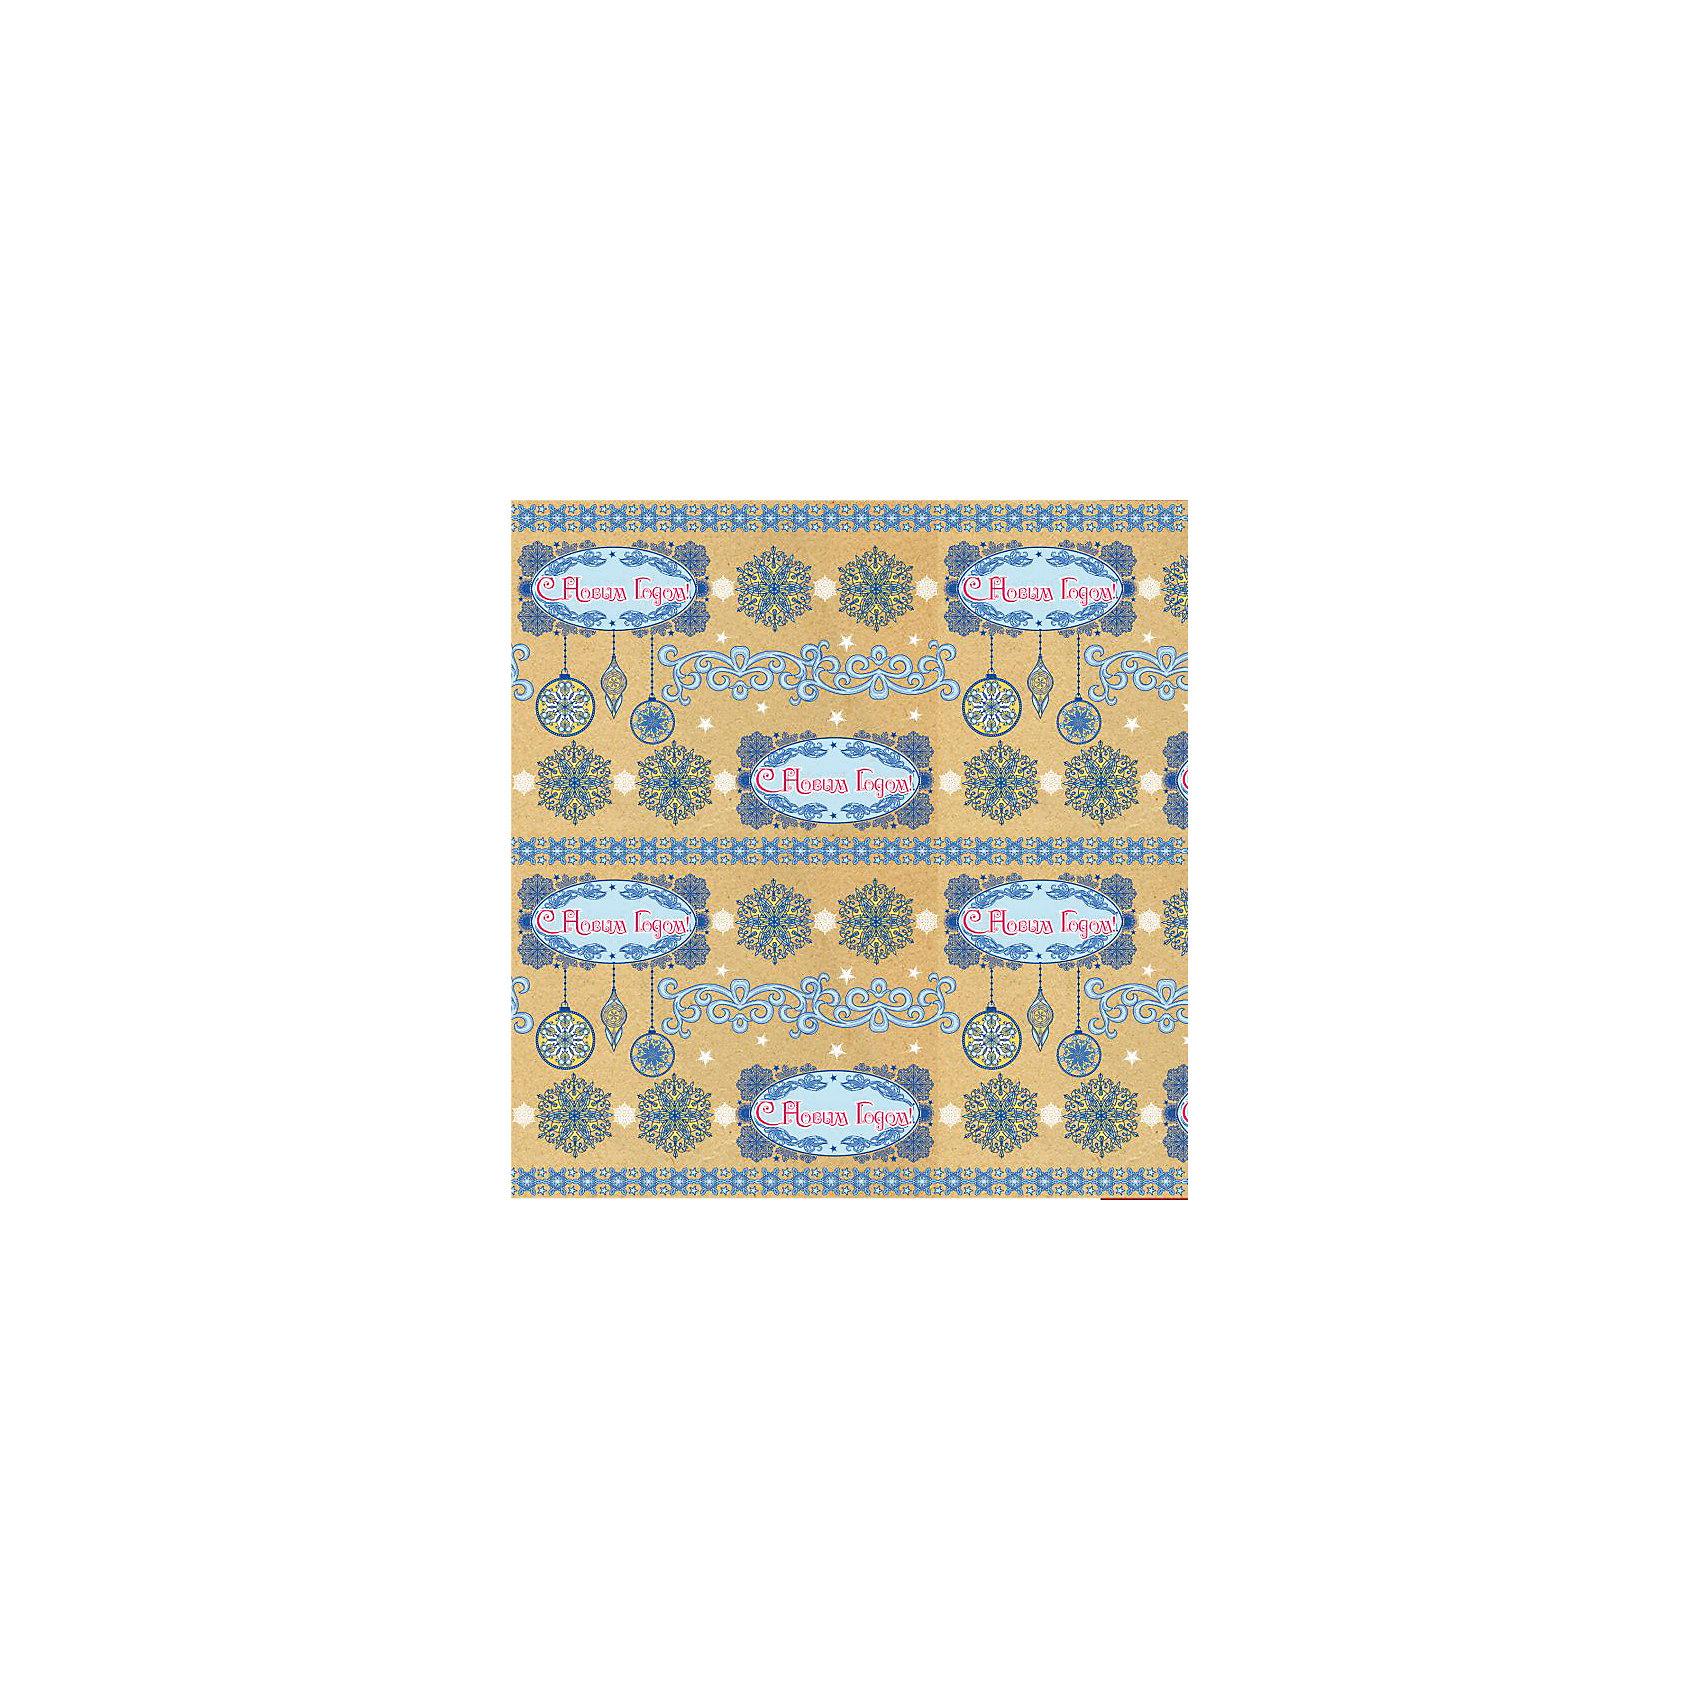 Крафт бумага Голубые узоры для сувенирной продукции в листах от myToys